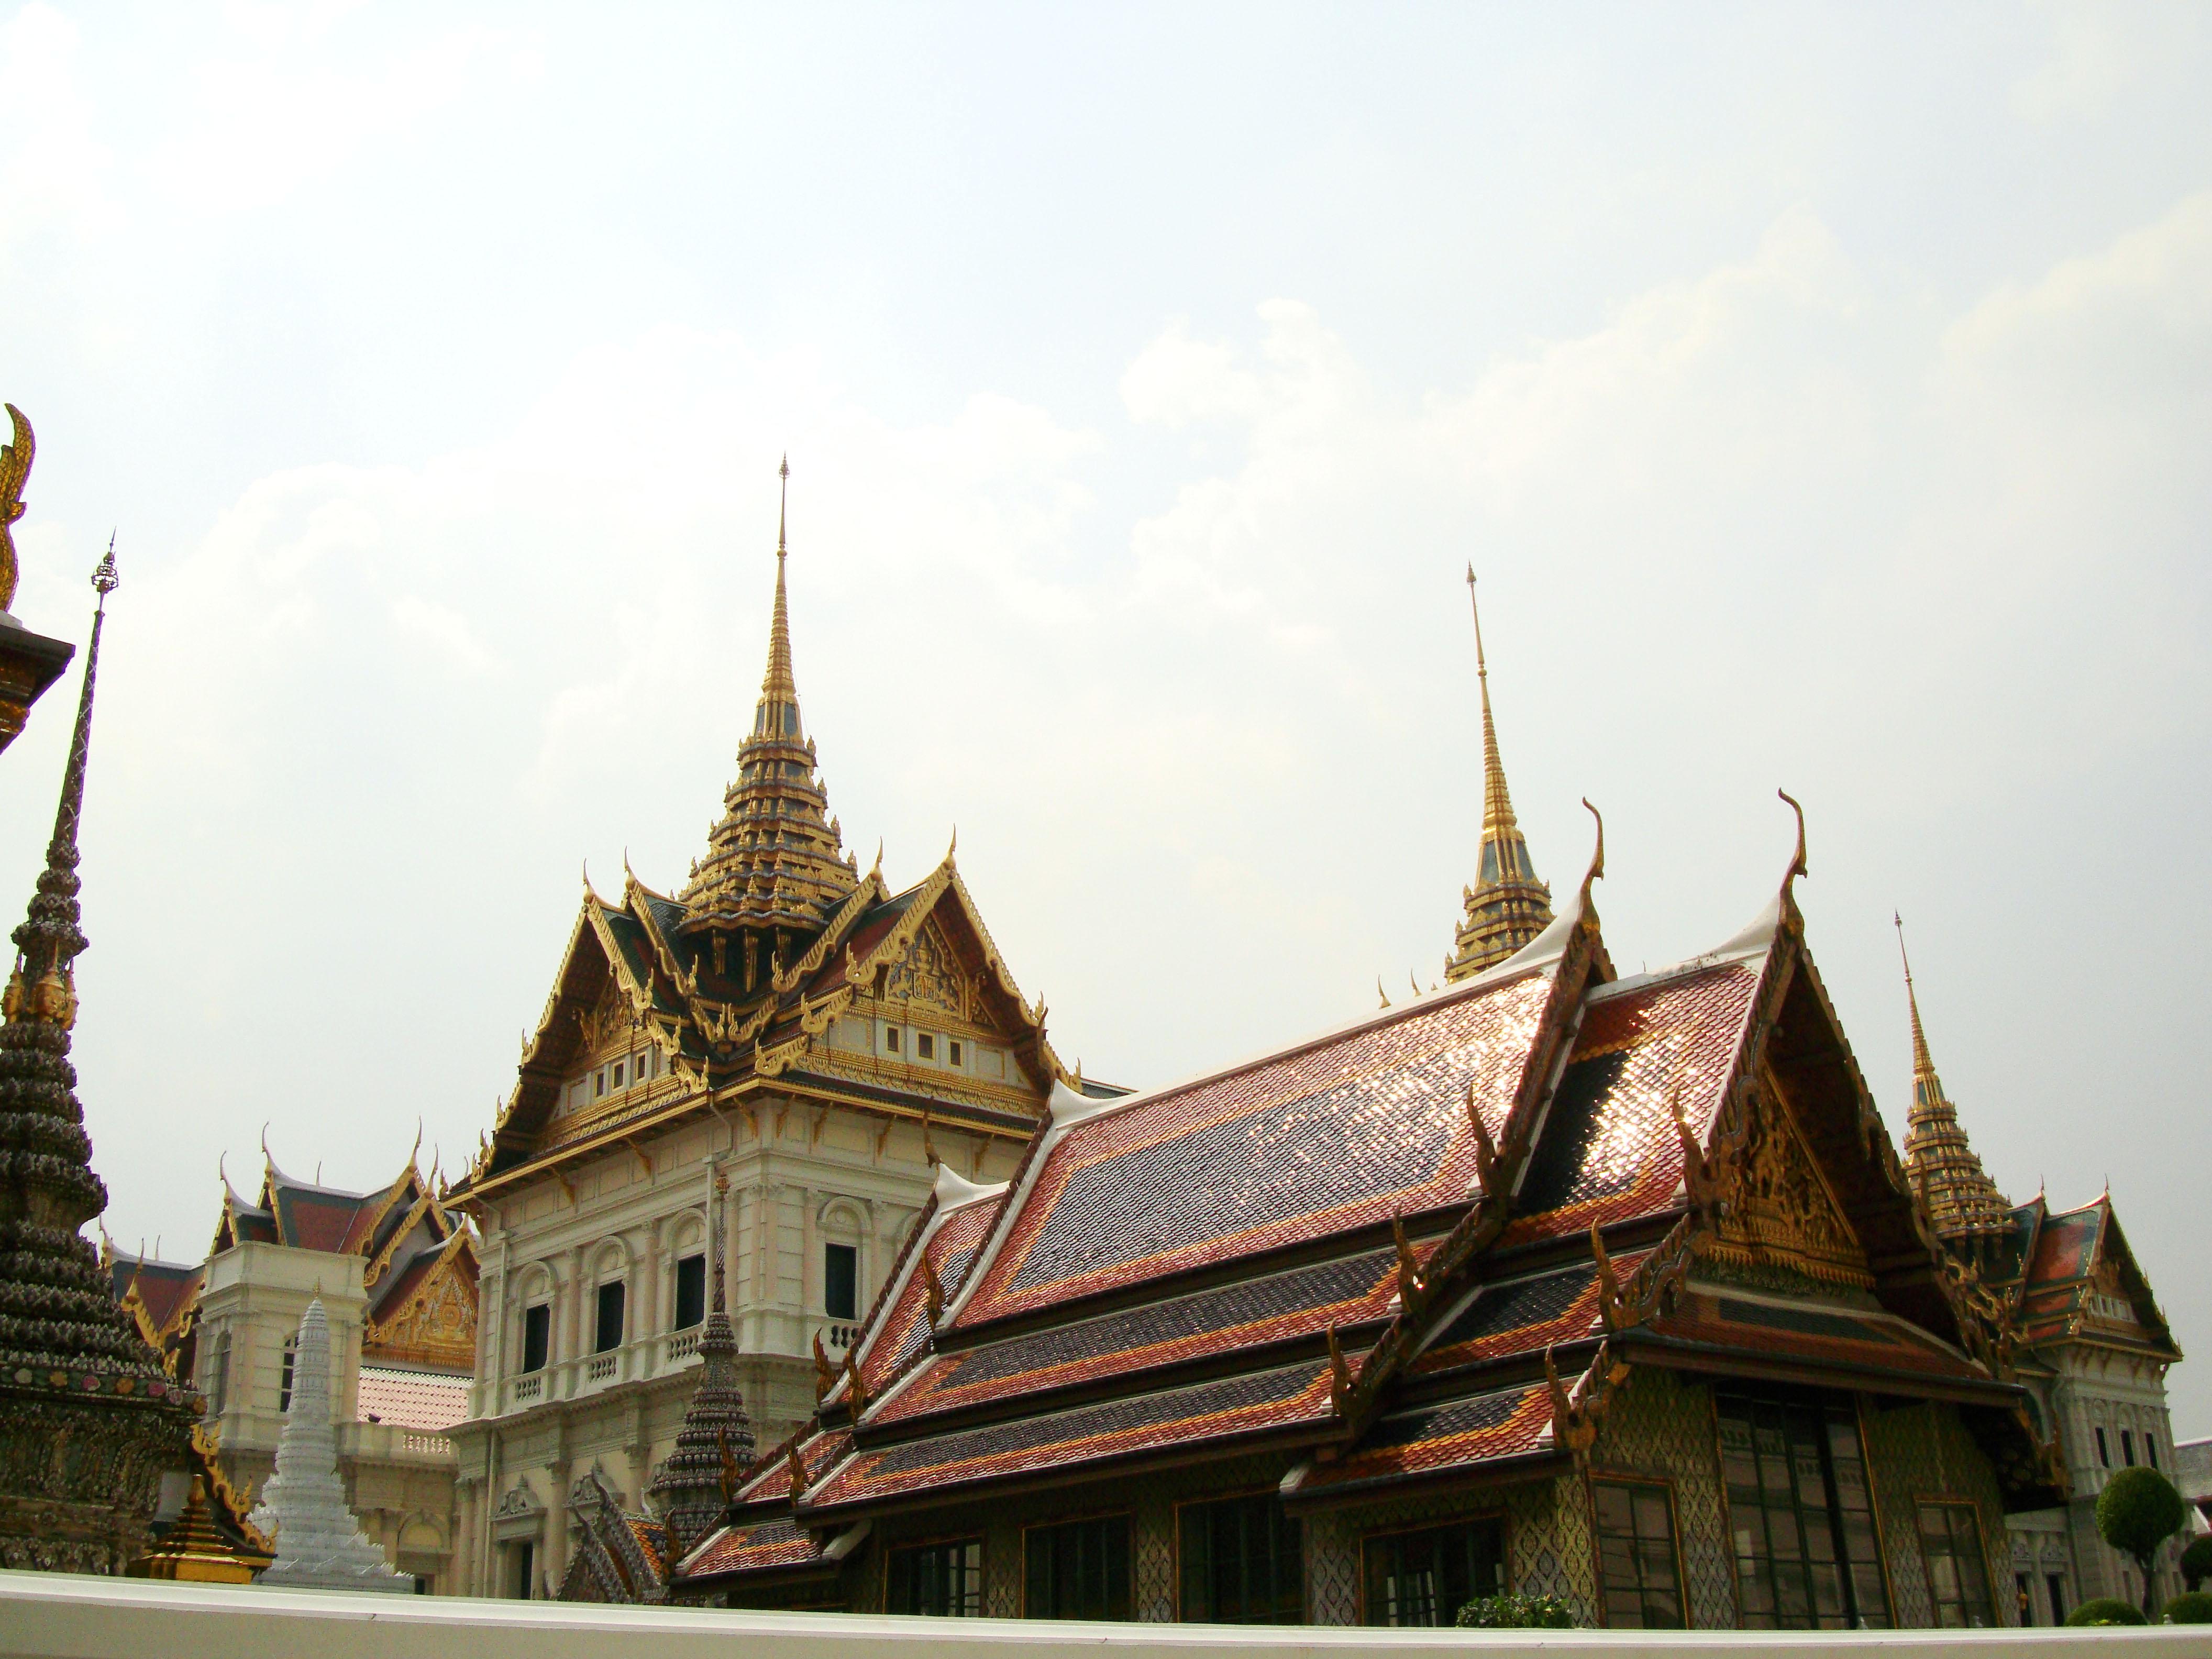 Grand Palace Phra Borom Maha Ratcha Wang Bangkok Thailand 54